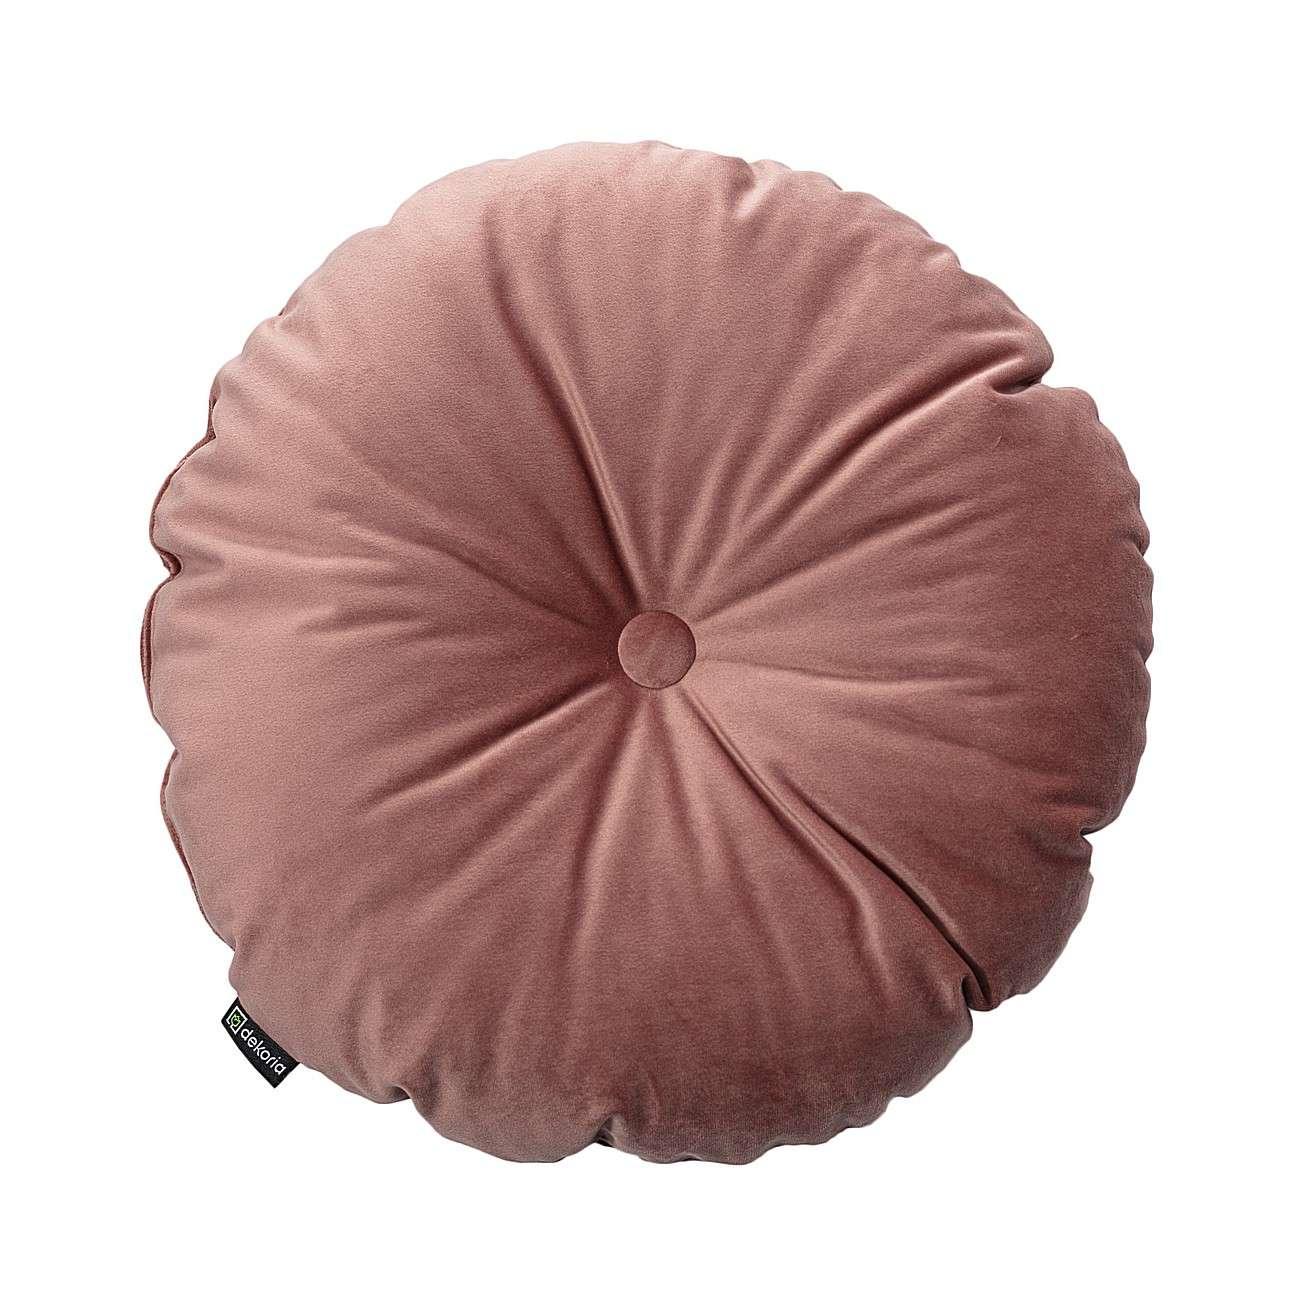 Poduszka okrągła Velvet z guzikiem w kolekcji Velvet, tkanina: 704-30